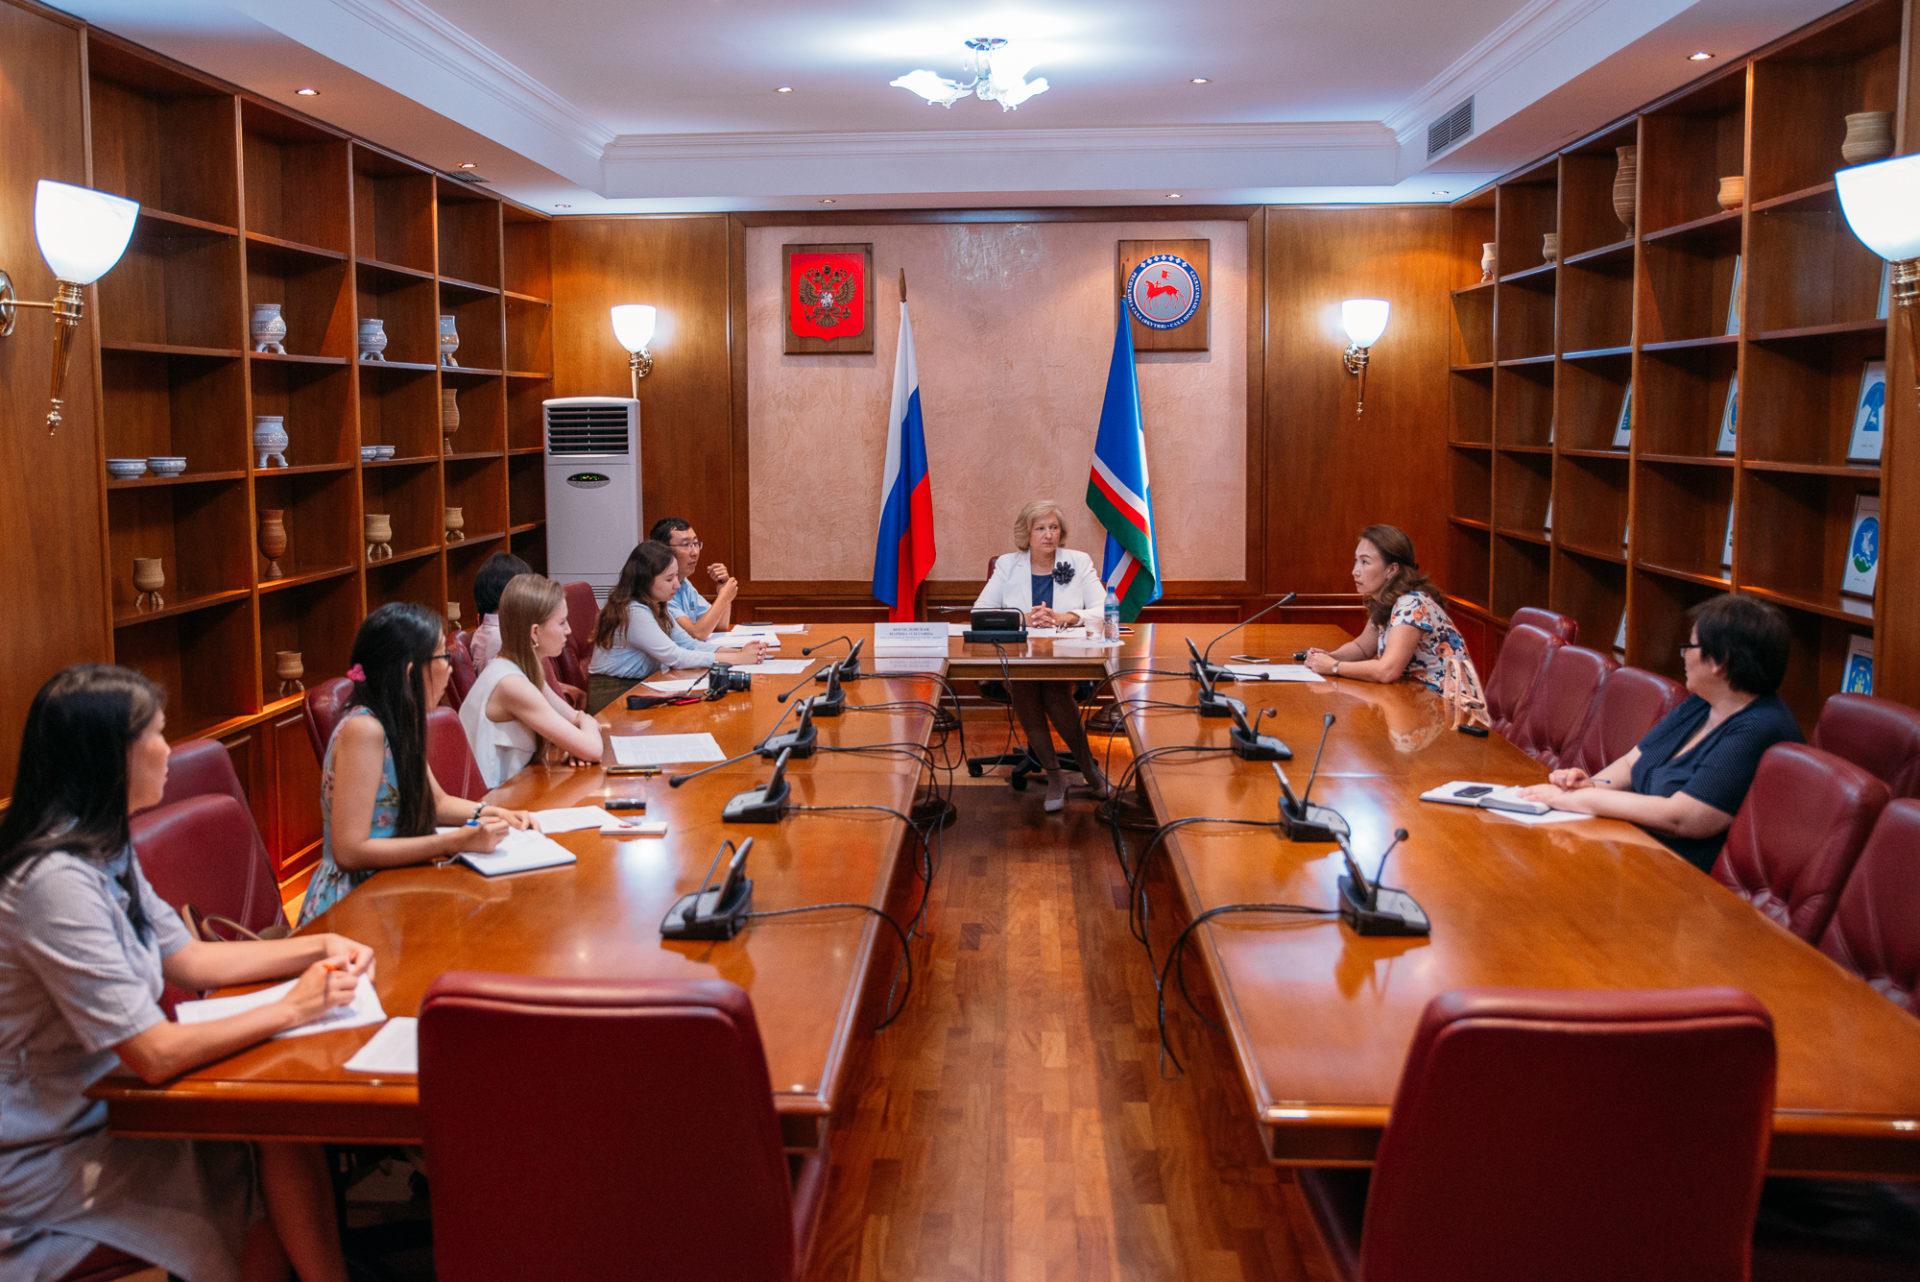 Марина Богословская: «Министерство однозначно будет поддерживать представителей бизнеса, пострадавших от отзыва лицензии у Банка «Таатта»